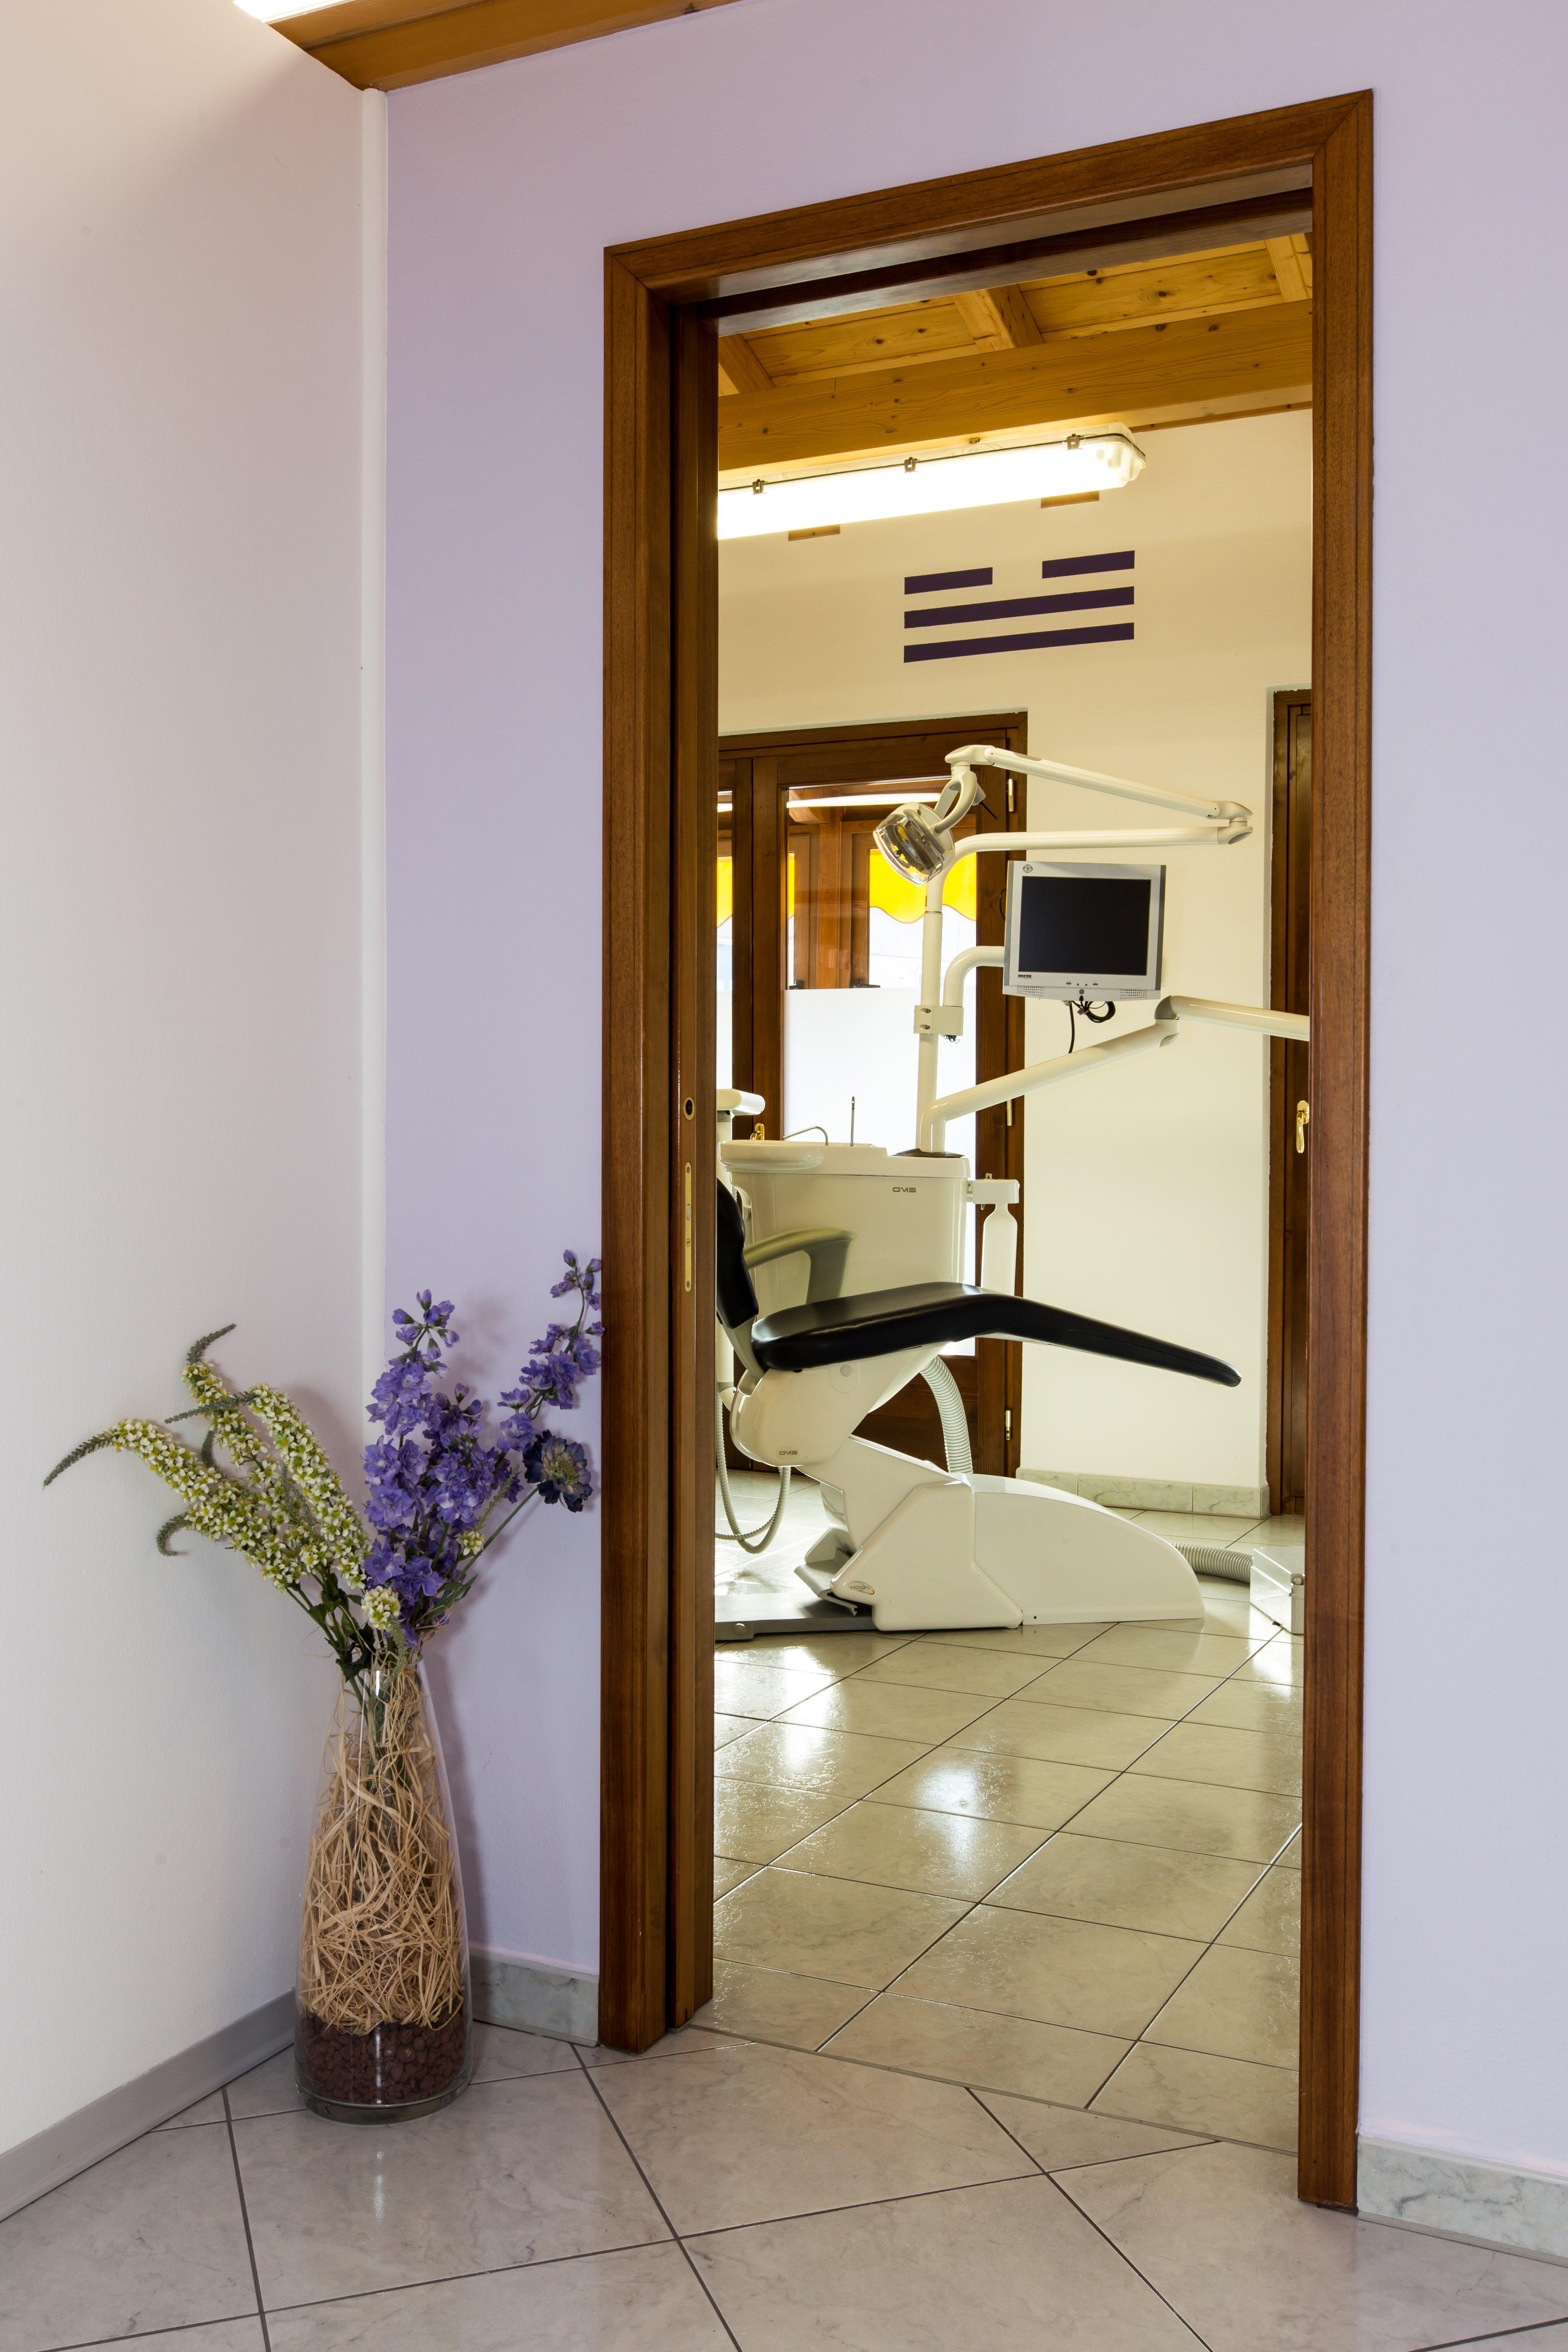 ingresso alla sala dello Studio Dentistico Benvegnù ad Arten, Belluno